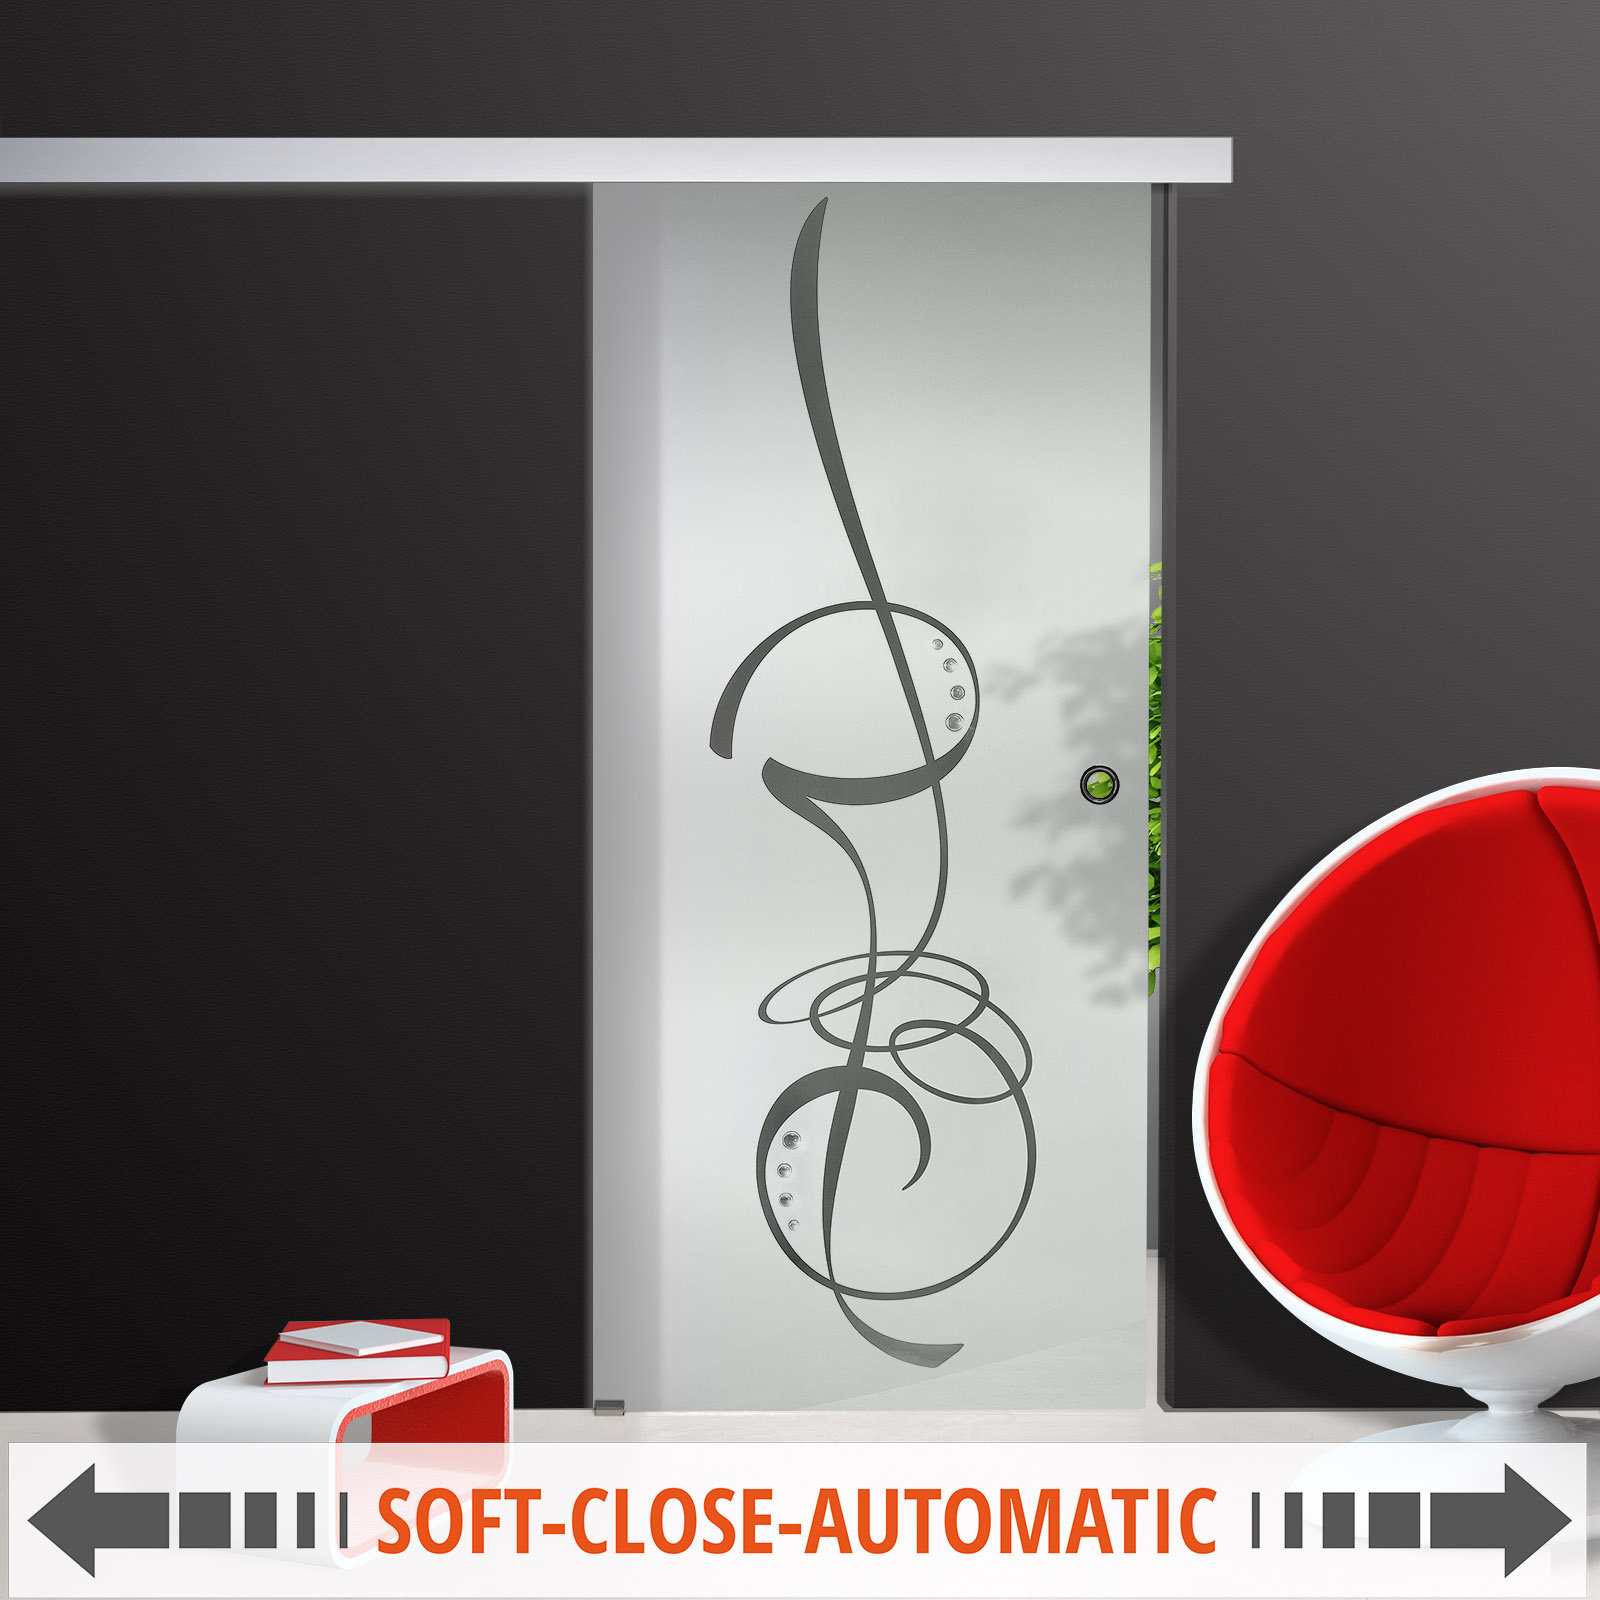 glasschiebet r sd638 f2 ag50 sc gm klarglas mattiert dekor klar schmucksteine ebay. Black Bedroom Furniture Sets. Home Design Ideas